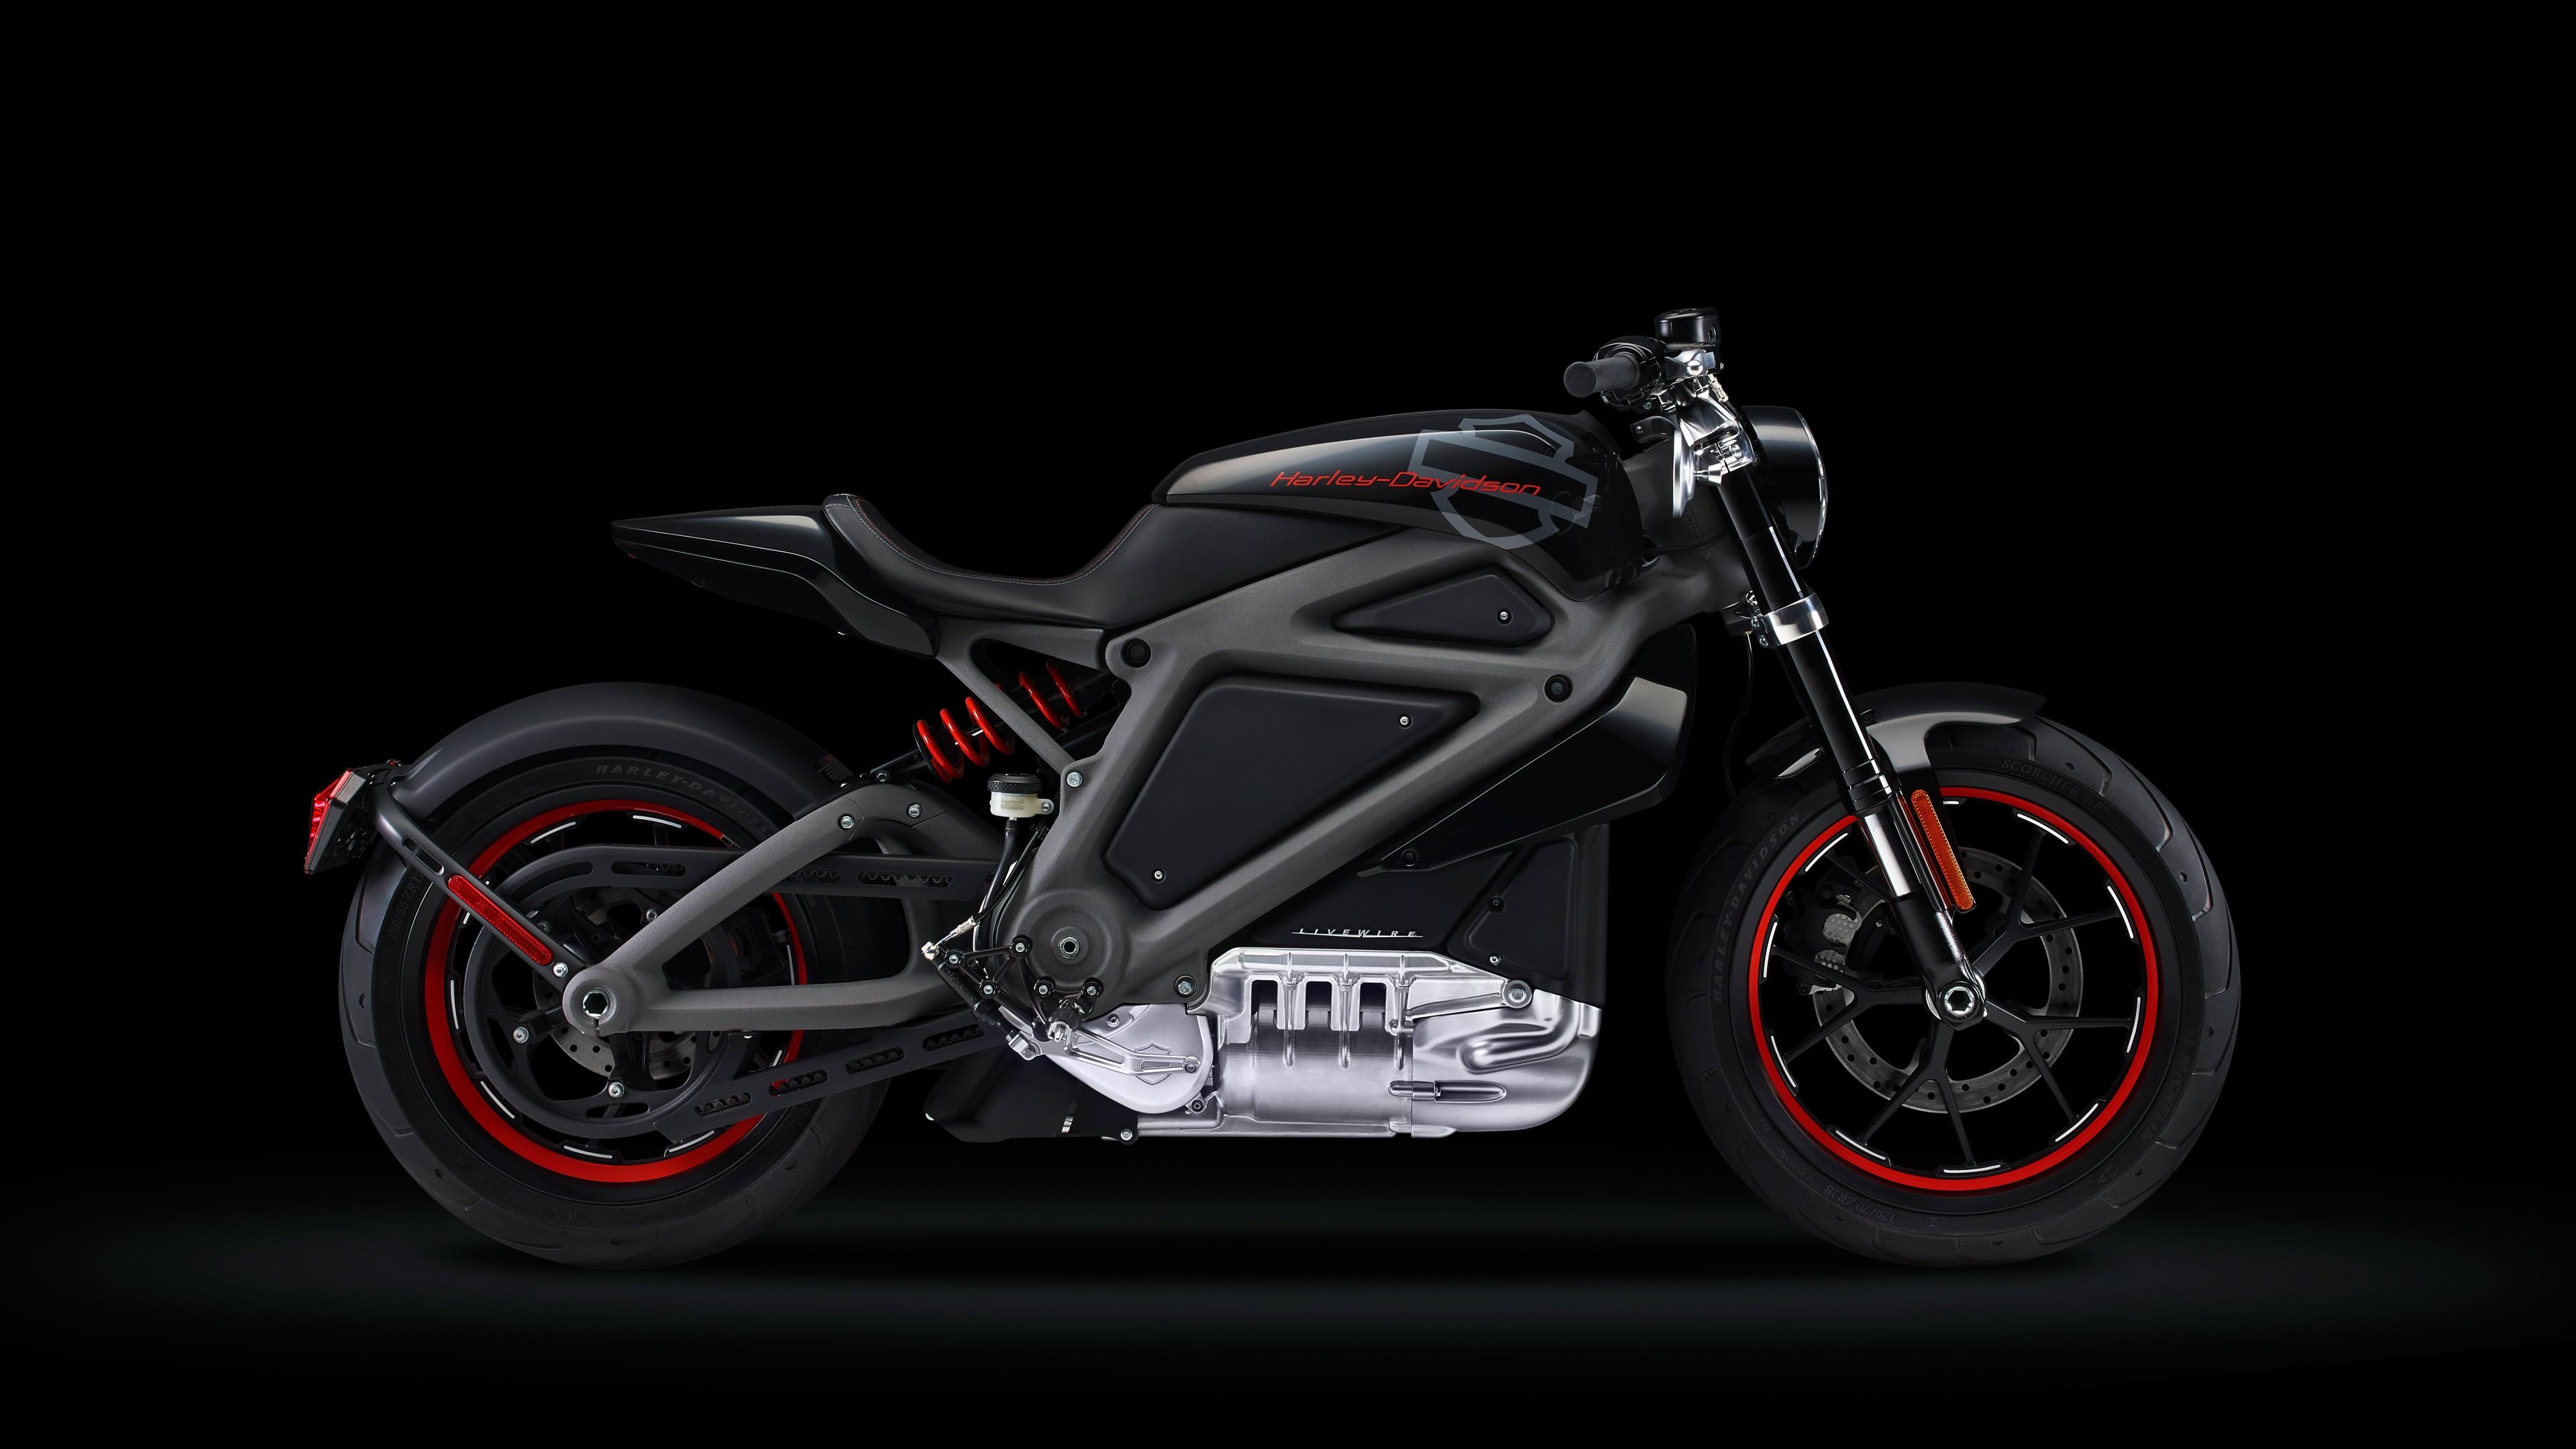 Экологически чистый мотоцикл в дизайнерском стиле